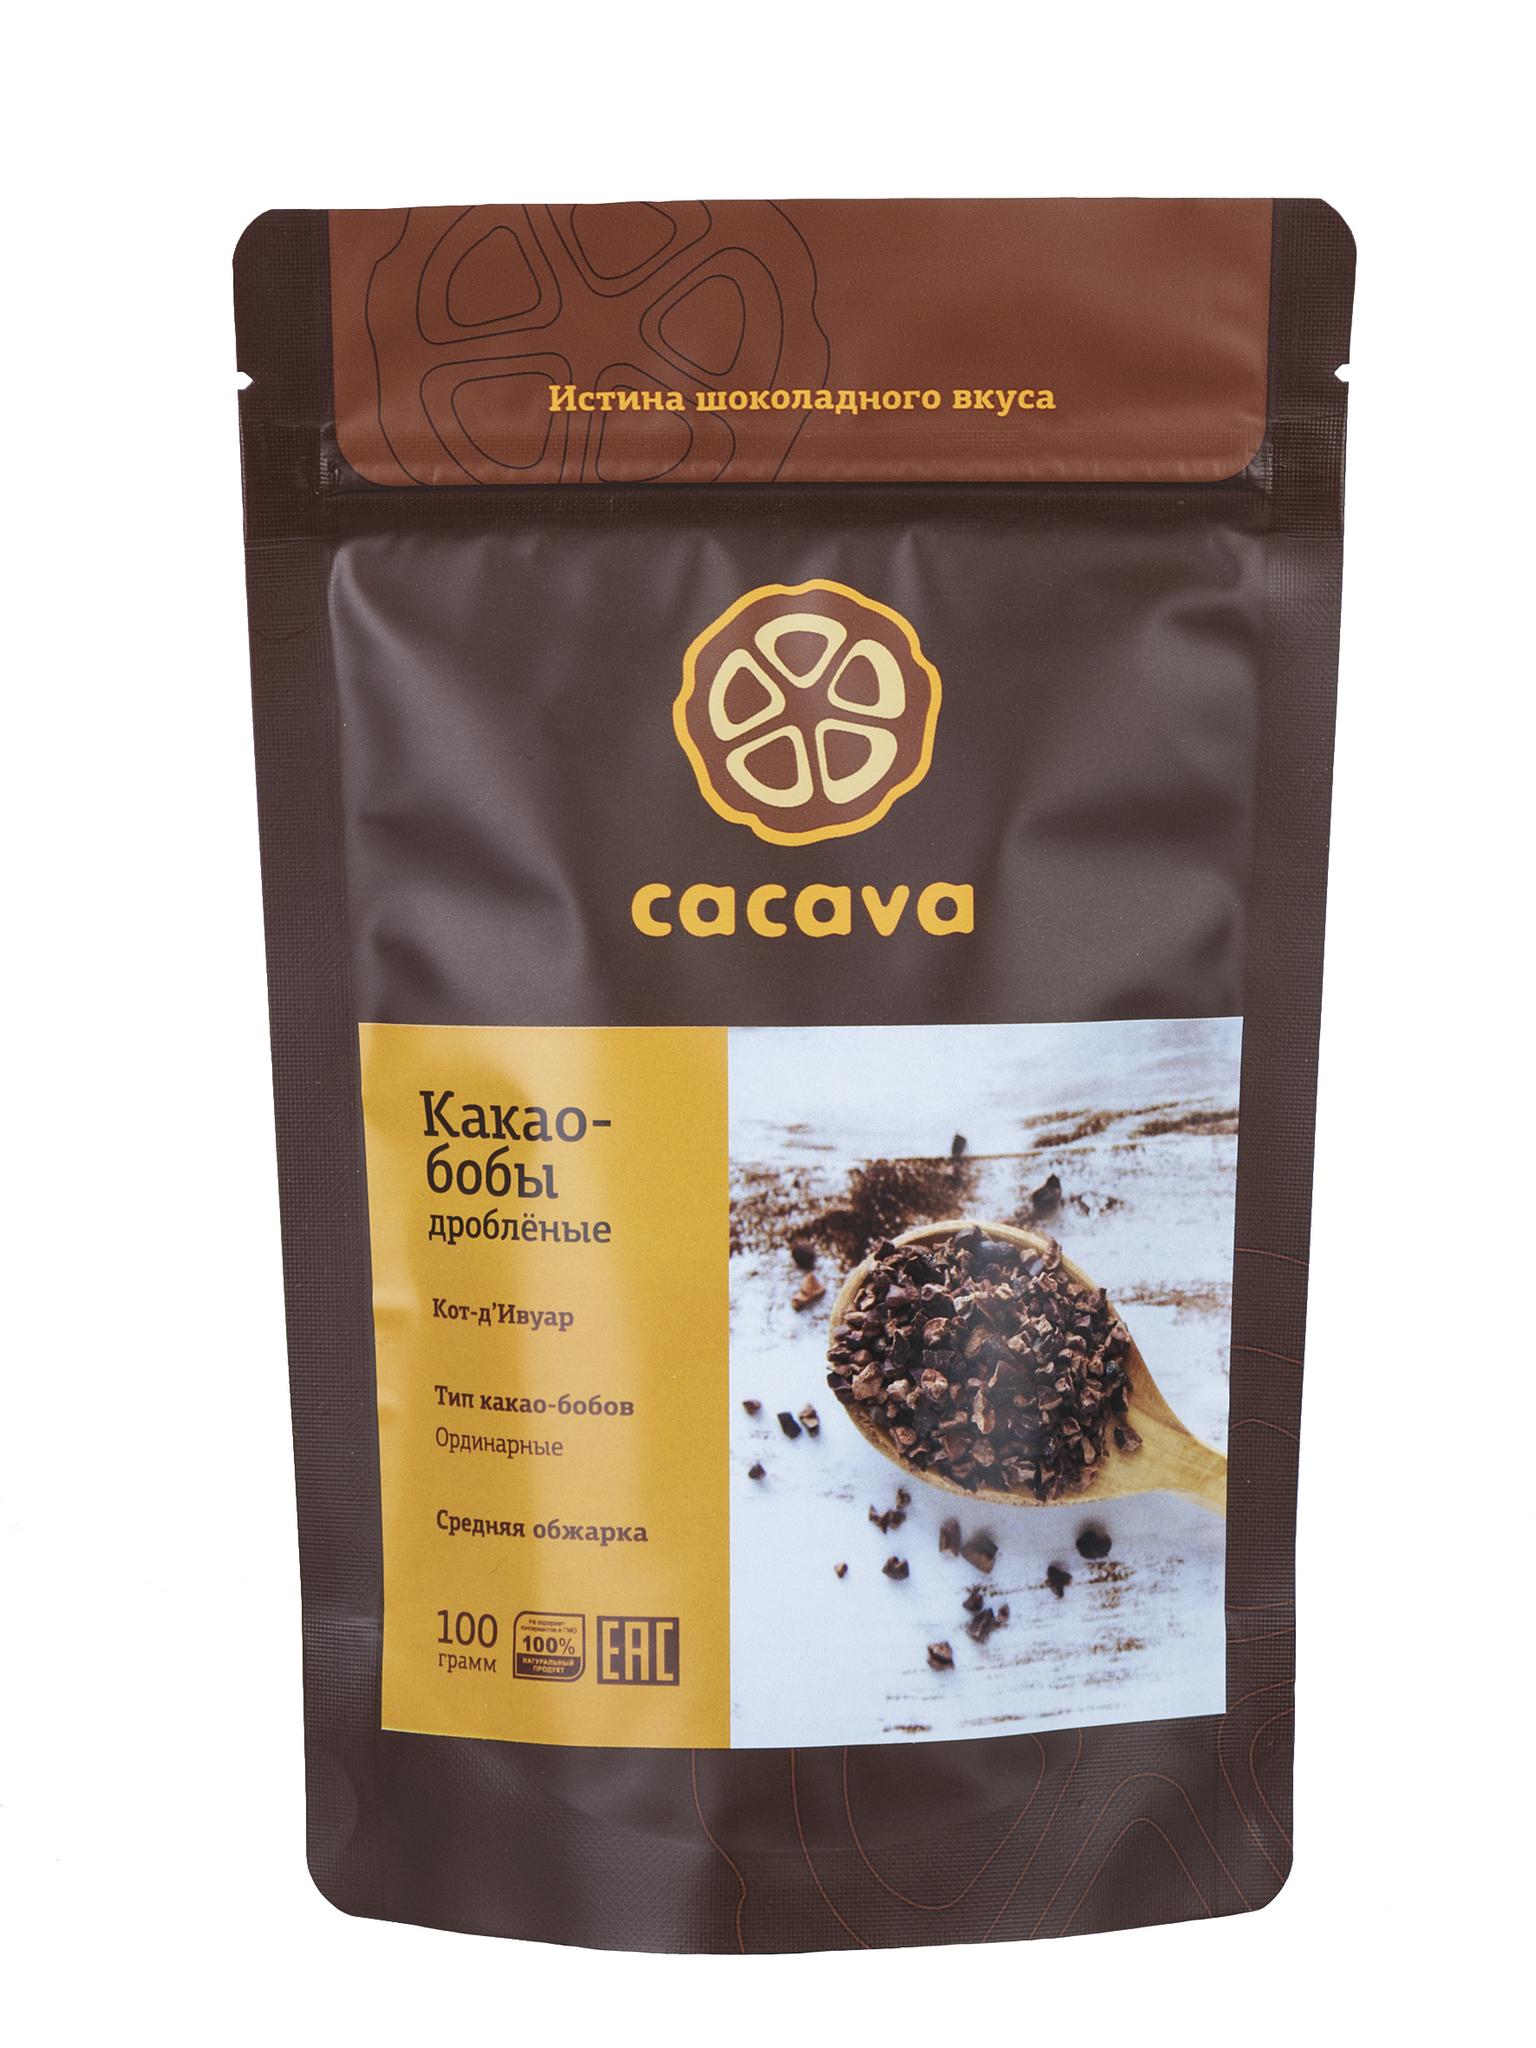 Какао-бобы дробленые, очищенные (Кот-Д'Ивуар), упаковка 100 грамм